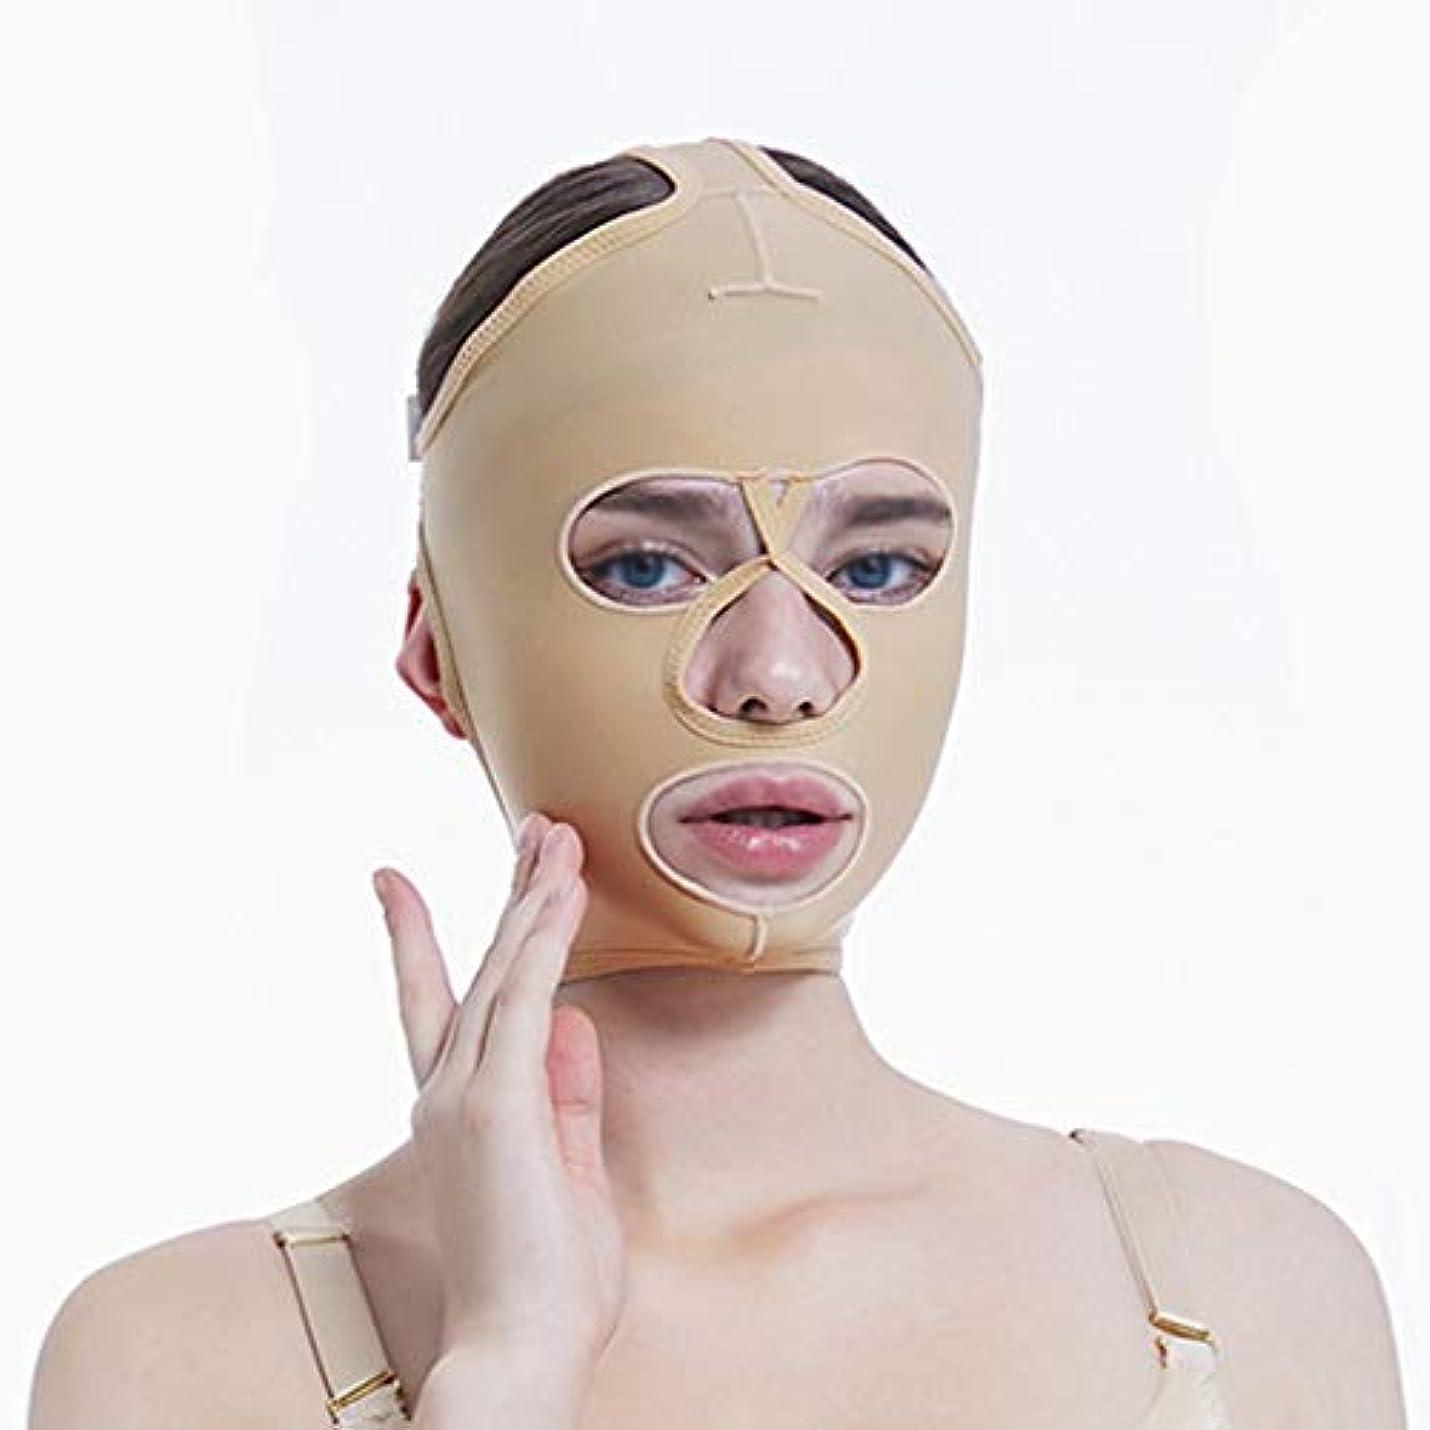 油リスクアイドルチンリフティングベルト、超薄型ベルト、ファーミングマスク、包帯吊り上げ、フェイスリフティングマスク、超薄型ベルト、通気性 (Size : S)